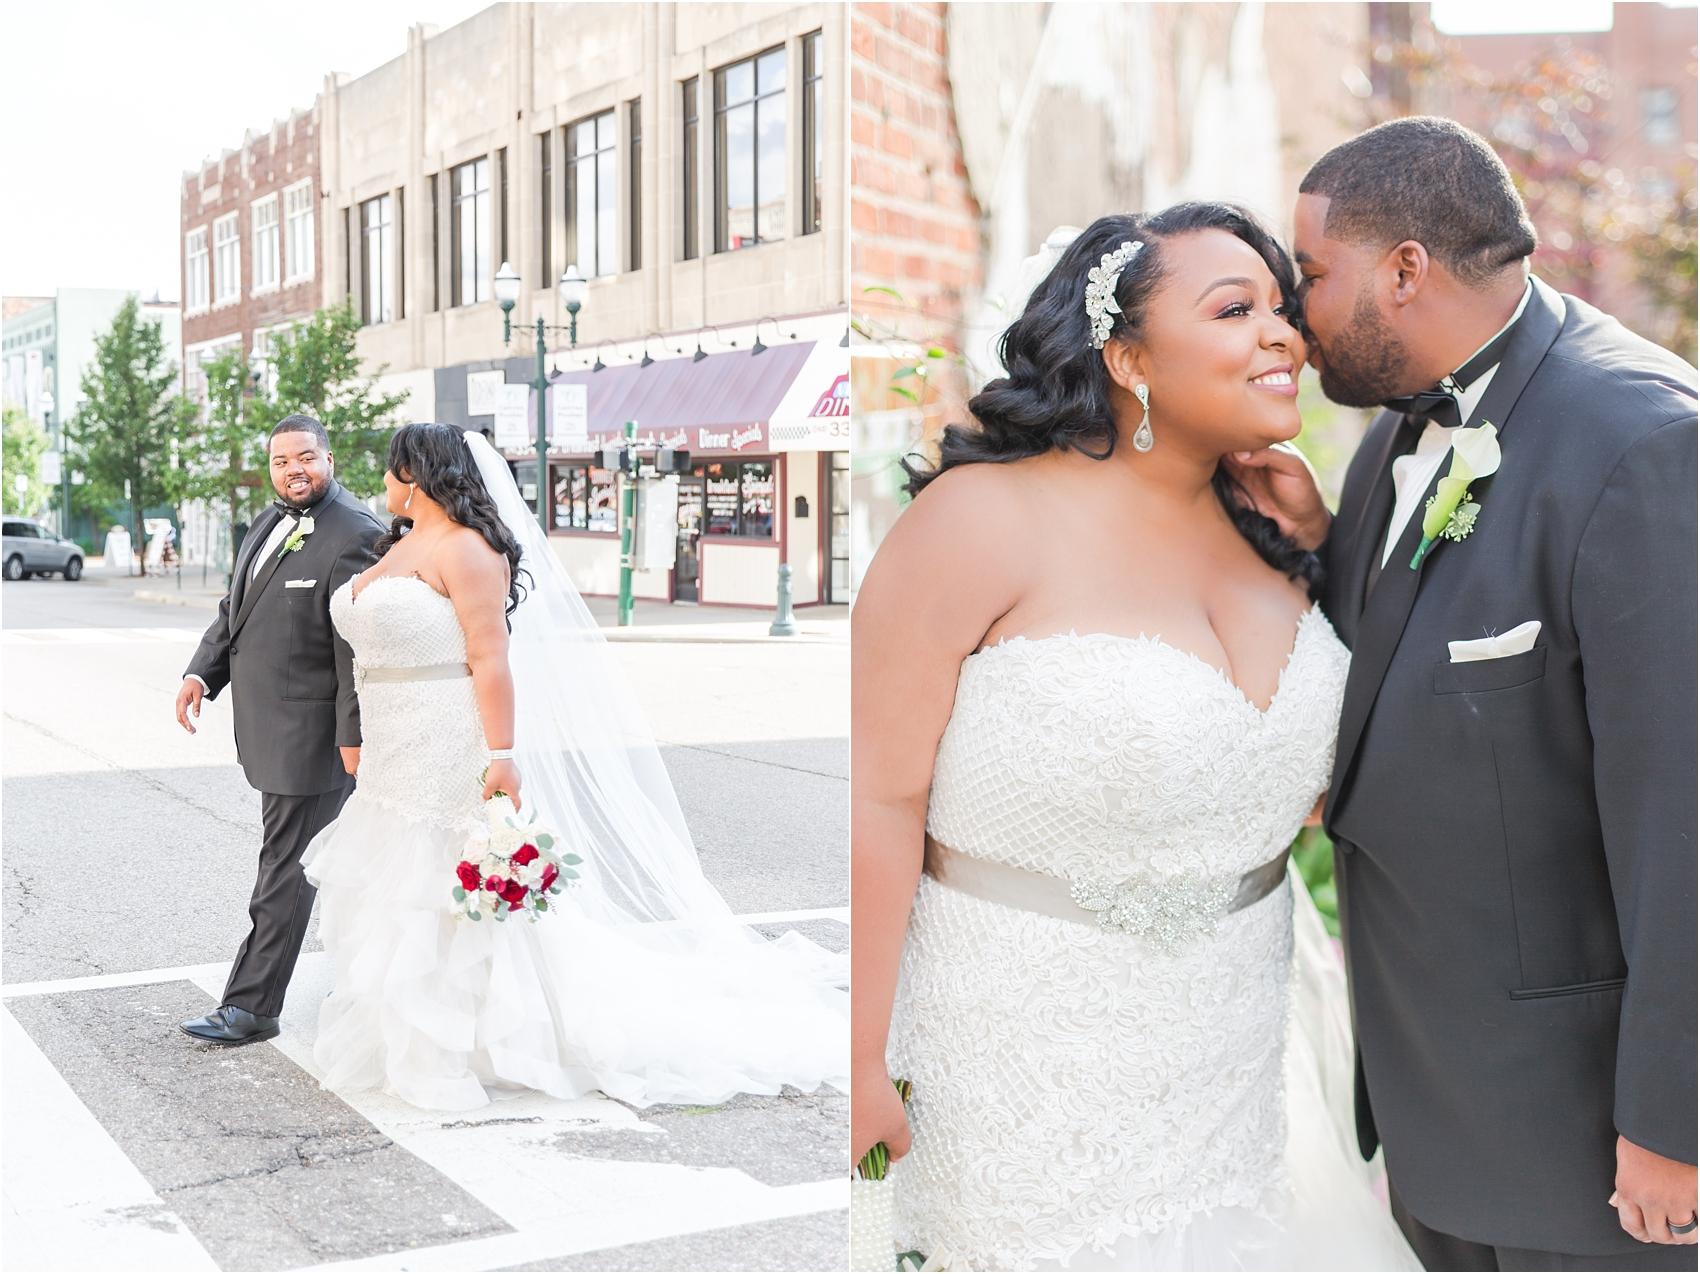 minimalist-and-modern-wedding-photos-at-30-north-saginaw-in-pontiac-michigan-by-courtney-carolyn-photography_0064.jpg